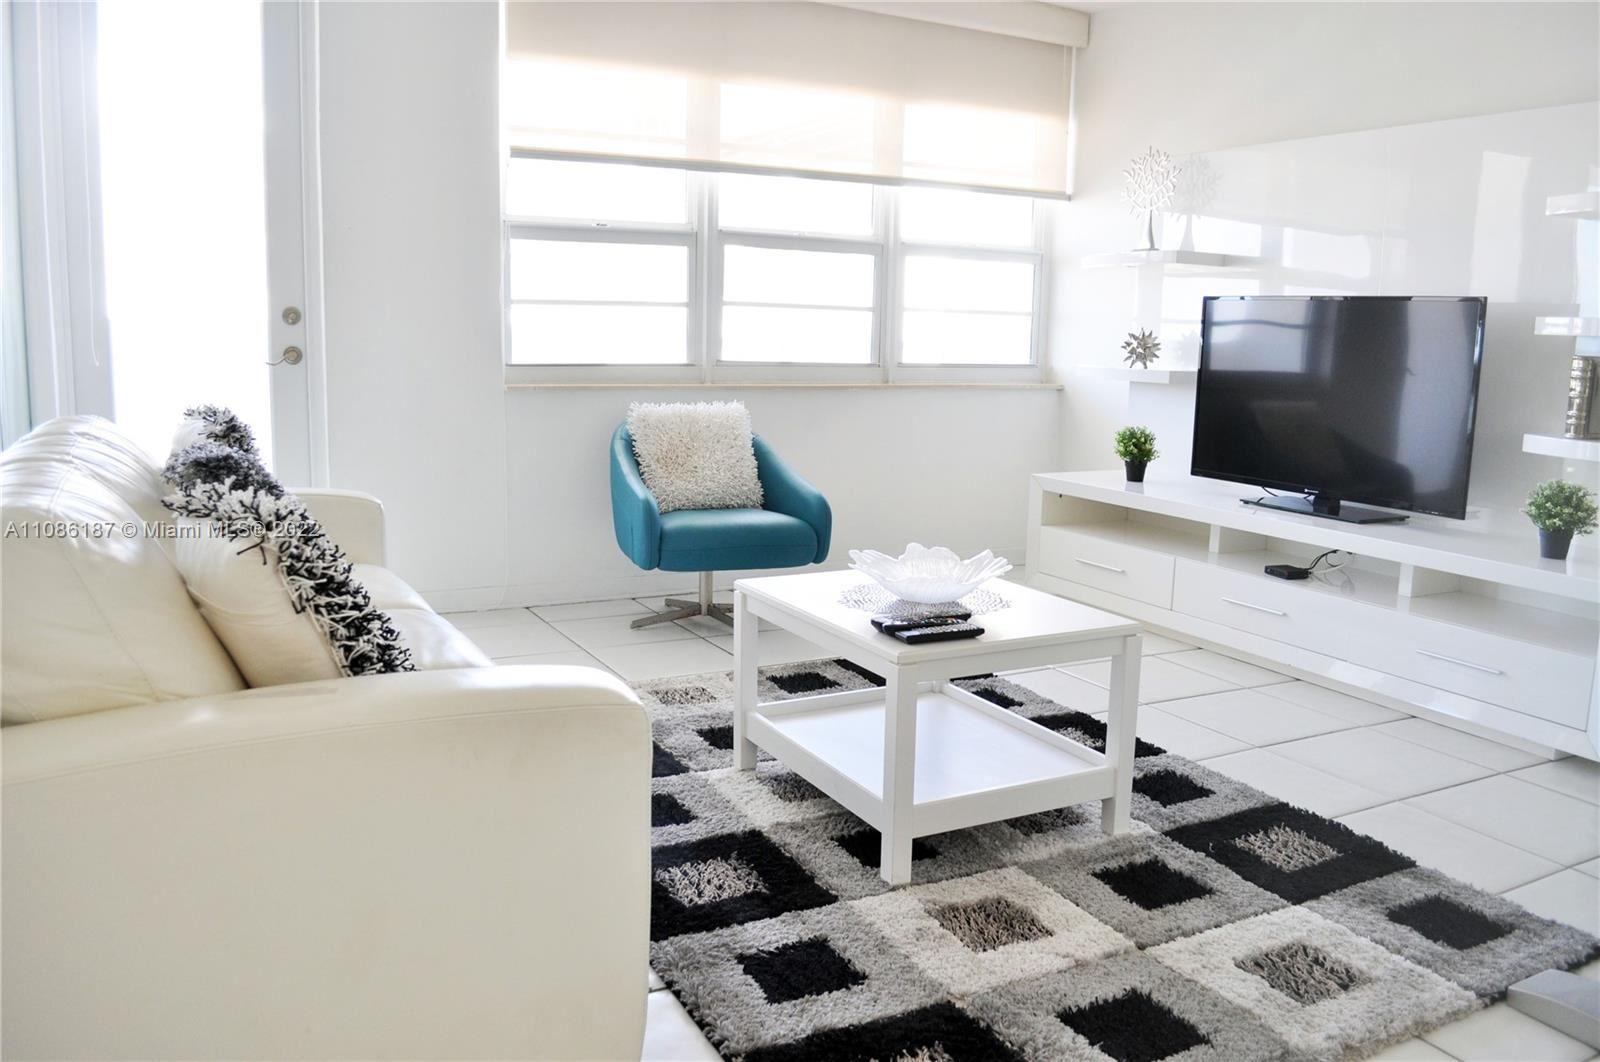 100 Lincoln Rd #910, Miami Beach, FL 33139 - #: A11086187